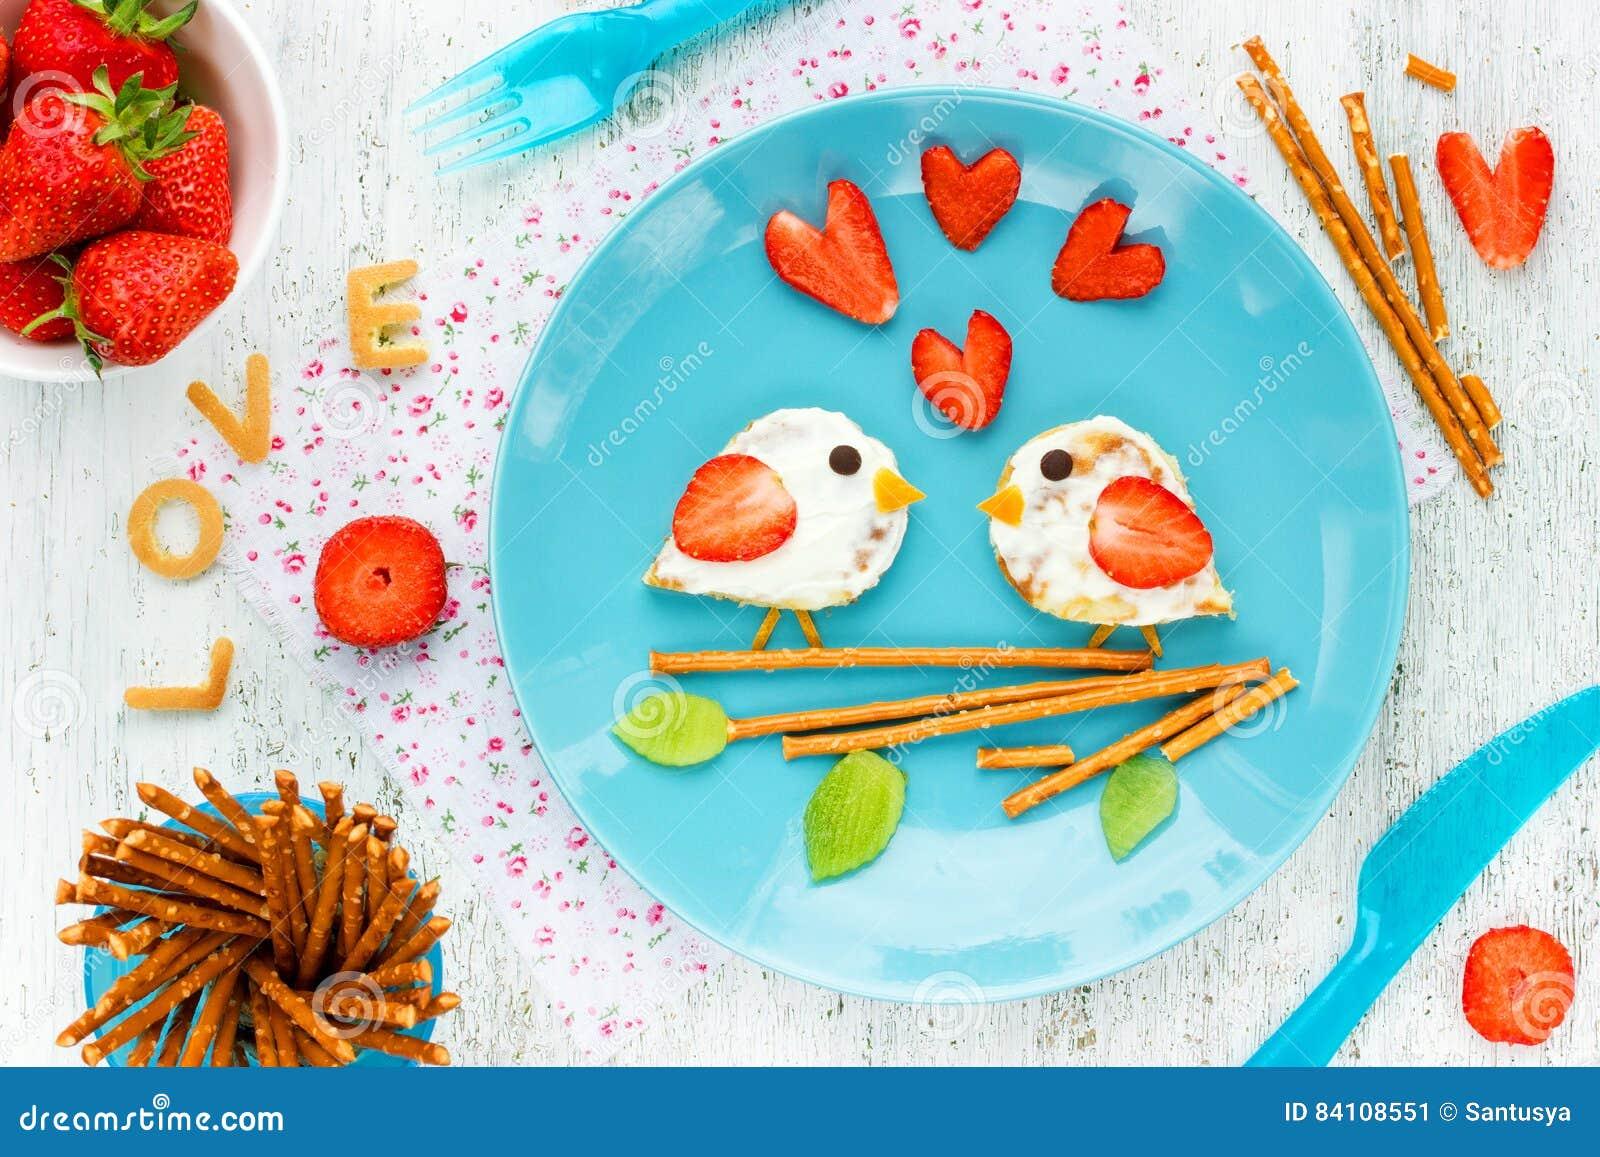 Ame las crepes de los pájaros - desayuno romántico el día de tarjetas del día de San Valentín